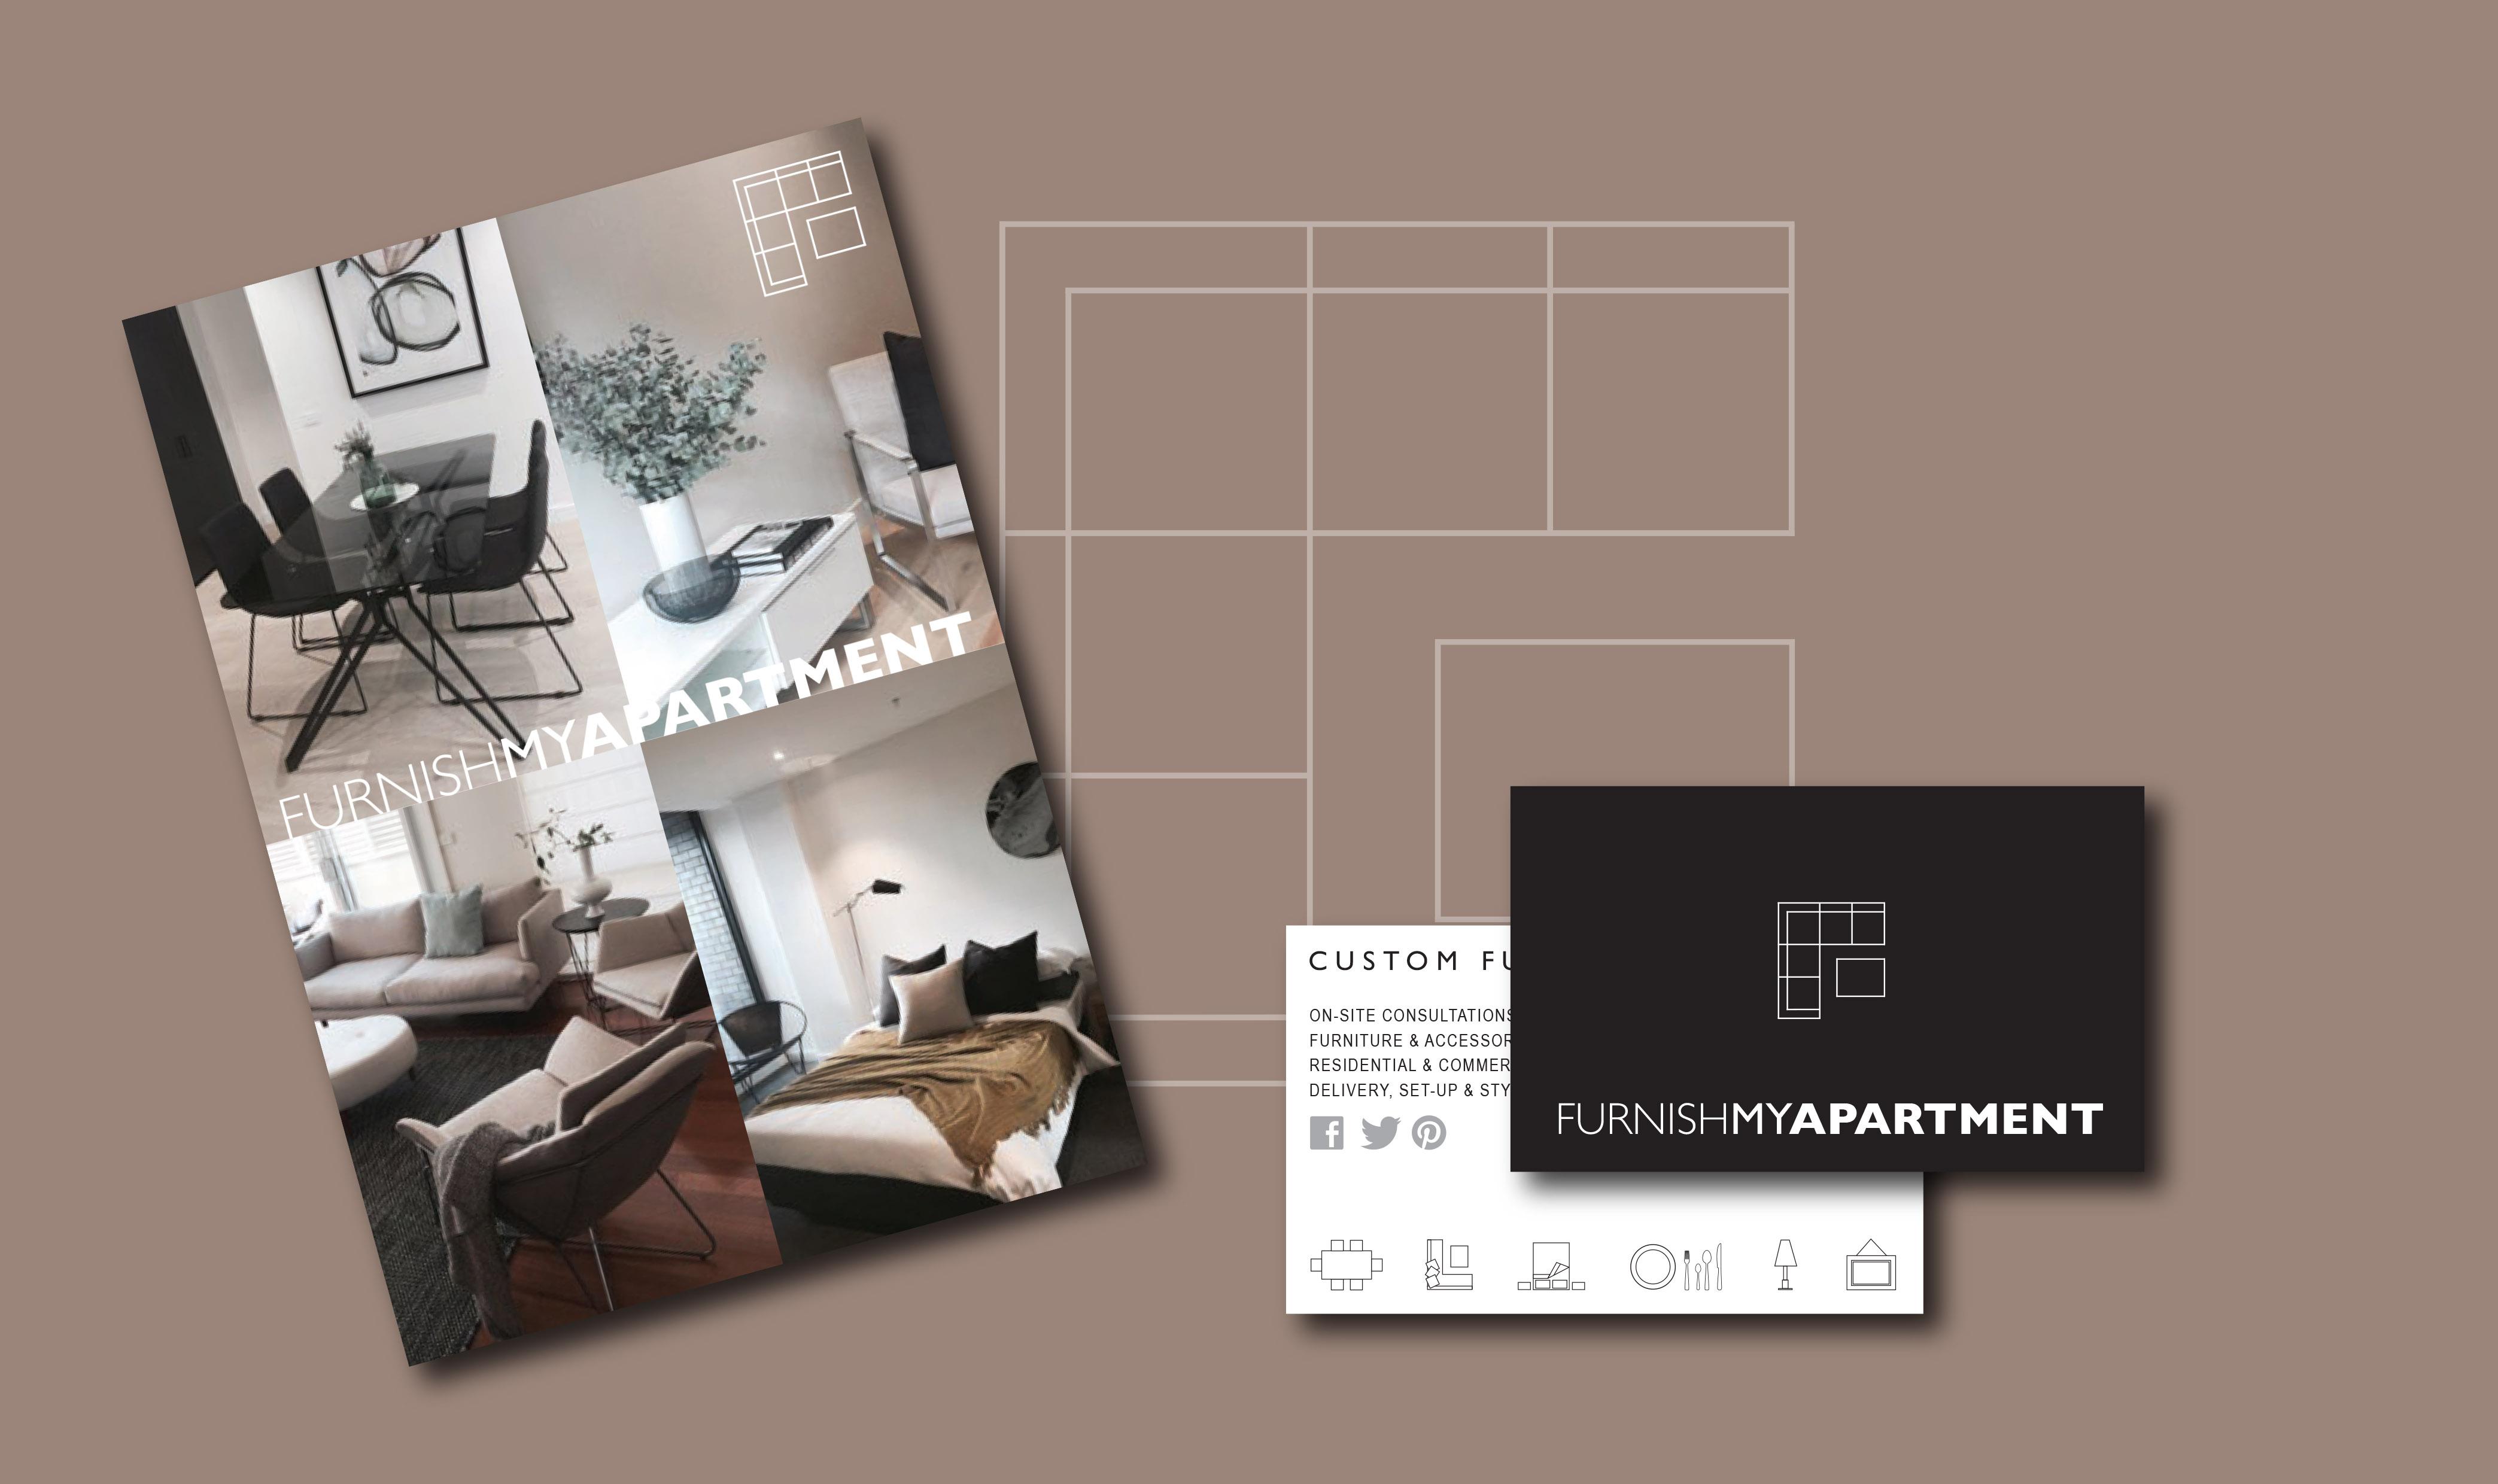 Design-fma